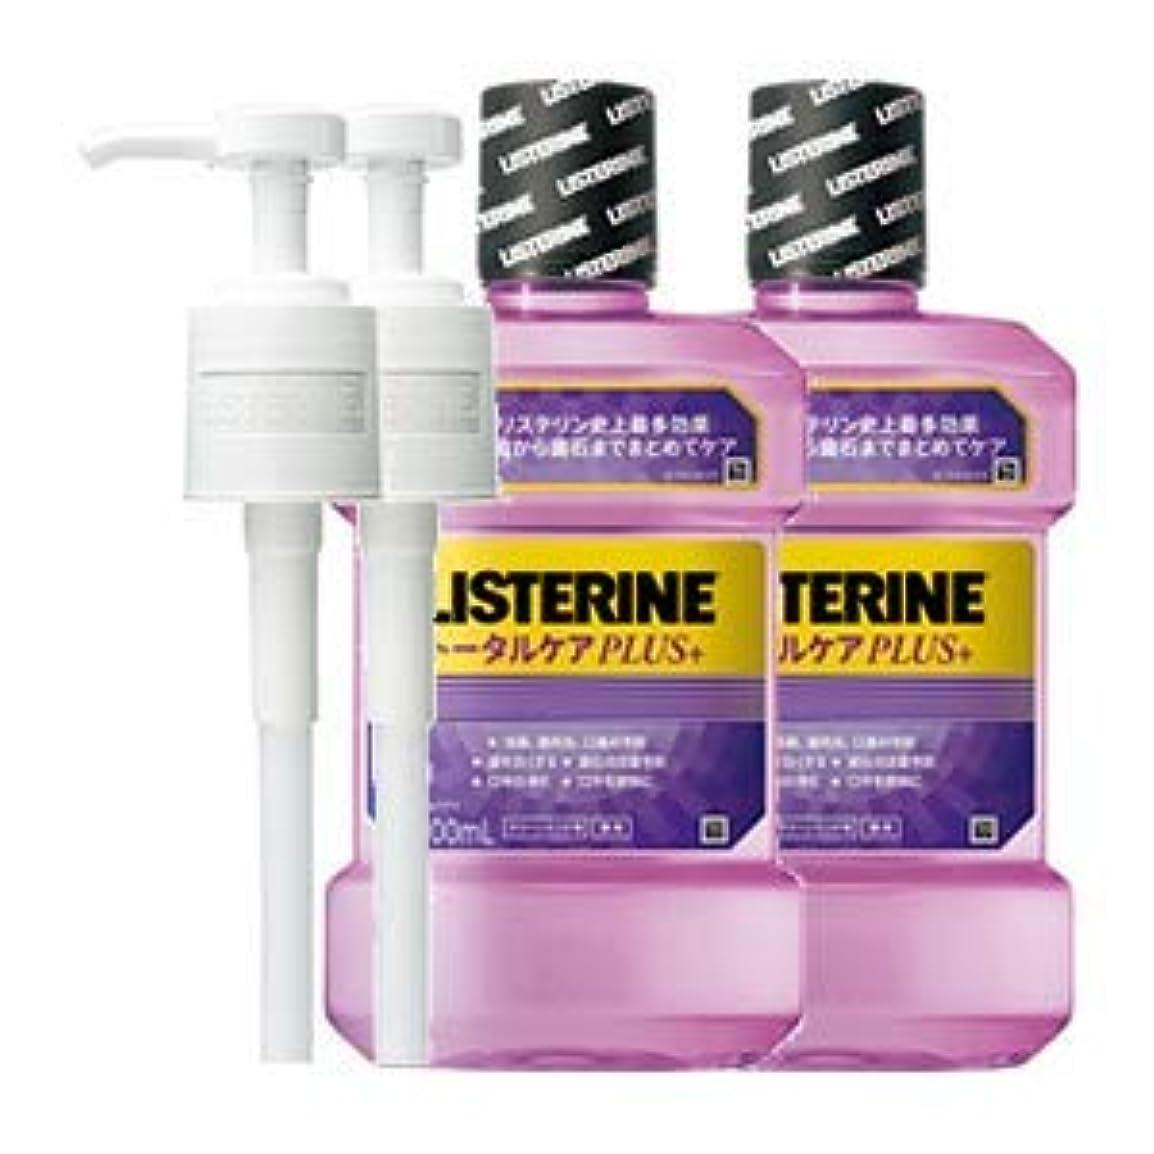 メニュー援助する陽気な薬用リステリン トータルケアプラス (液体歯磨) 1000mL 2点セット (ポンプ付)